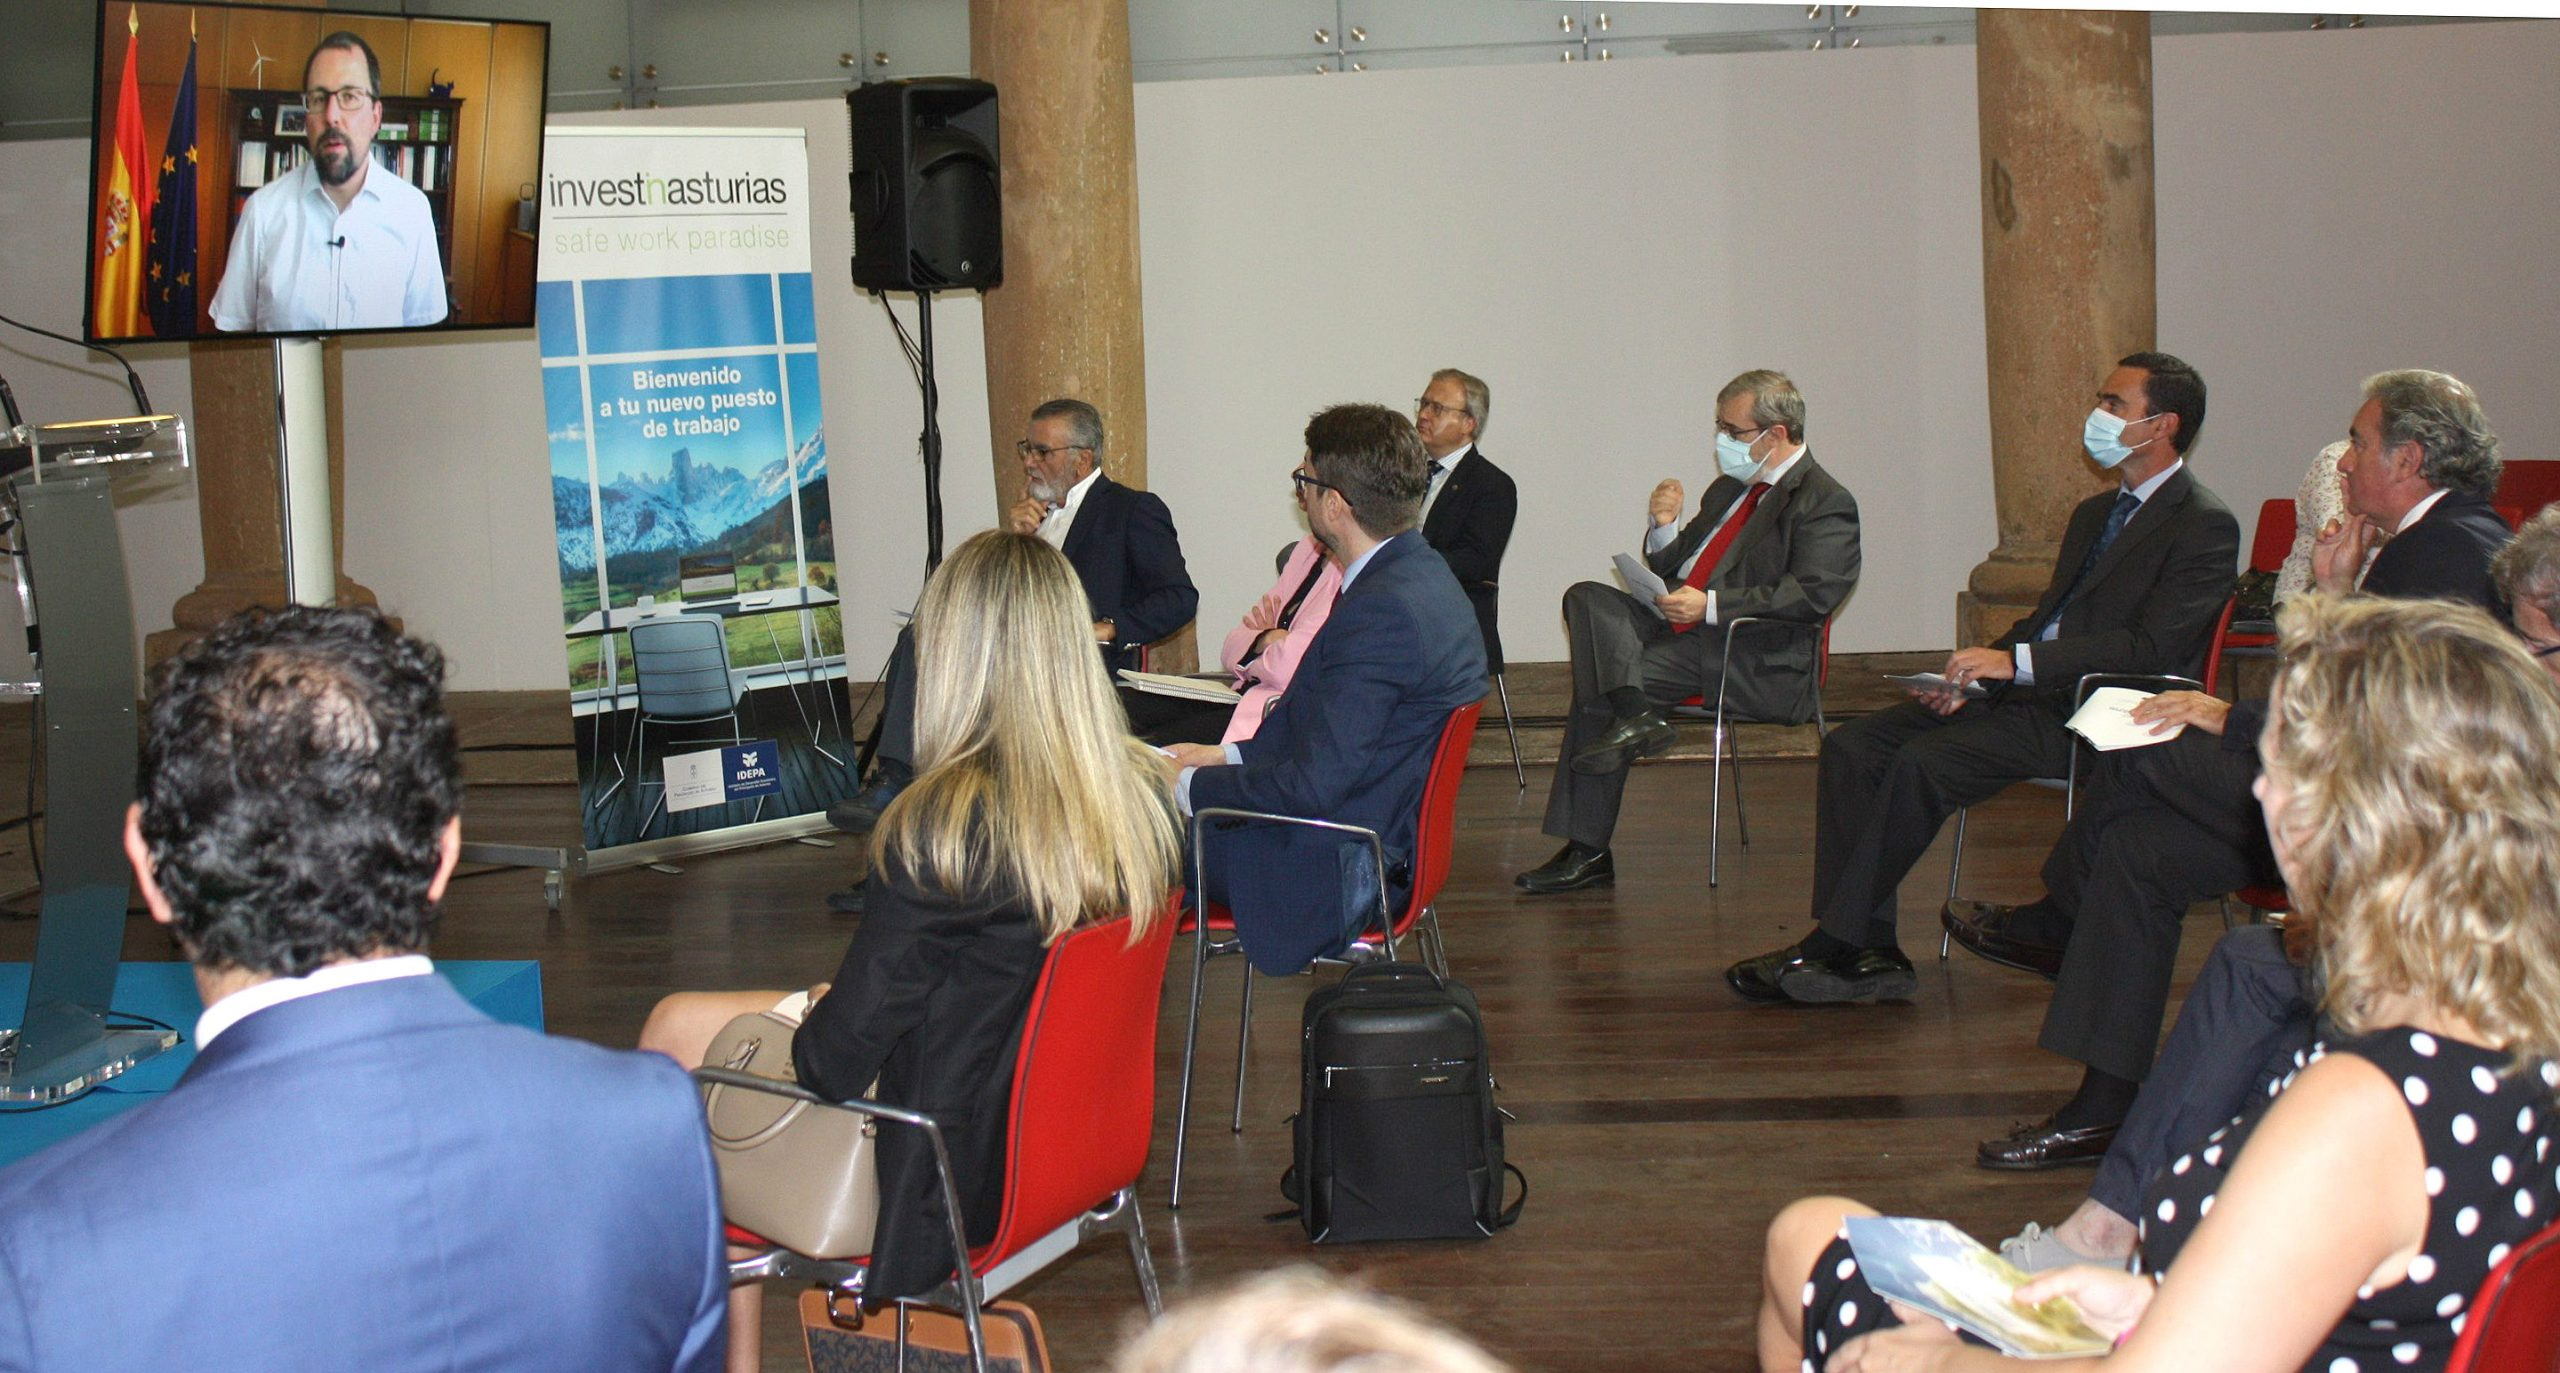 El Gobierno de Asturias pone en marcha una oficina de atracción de inversiones para impulsar la recuperación económica